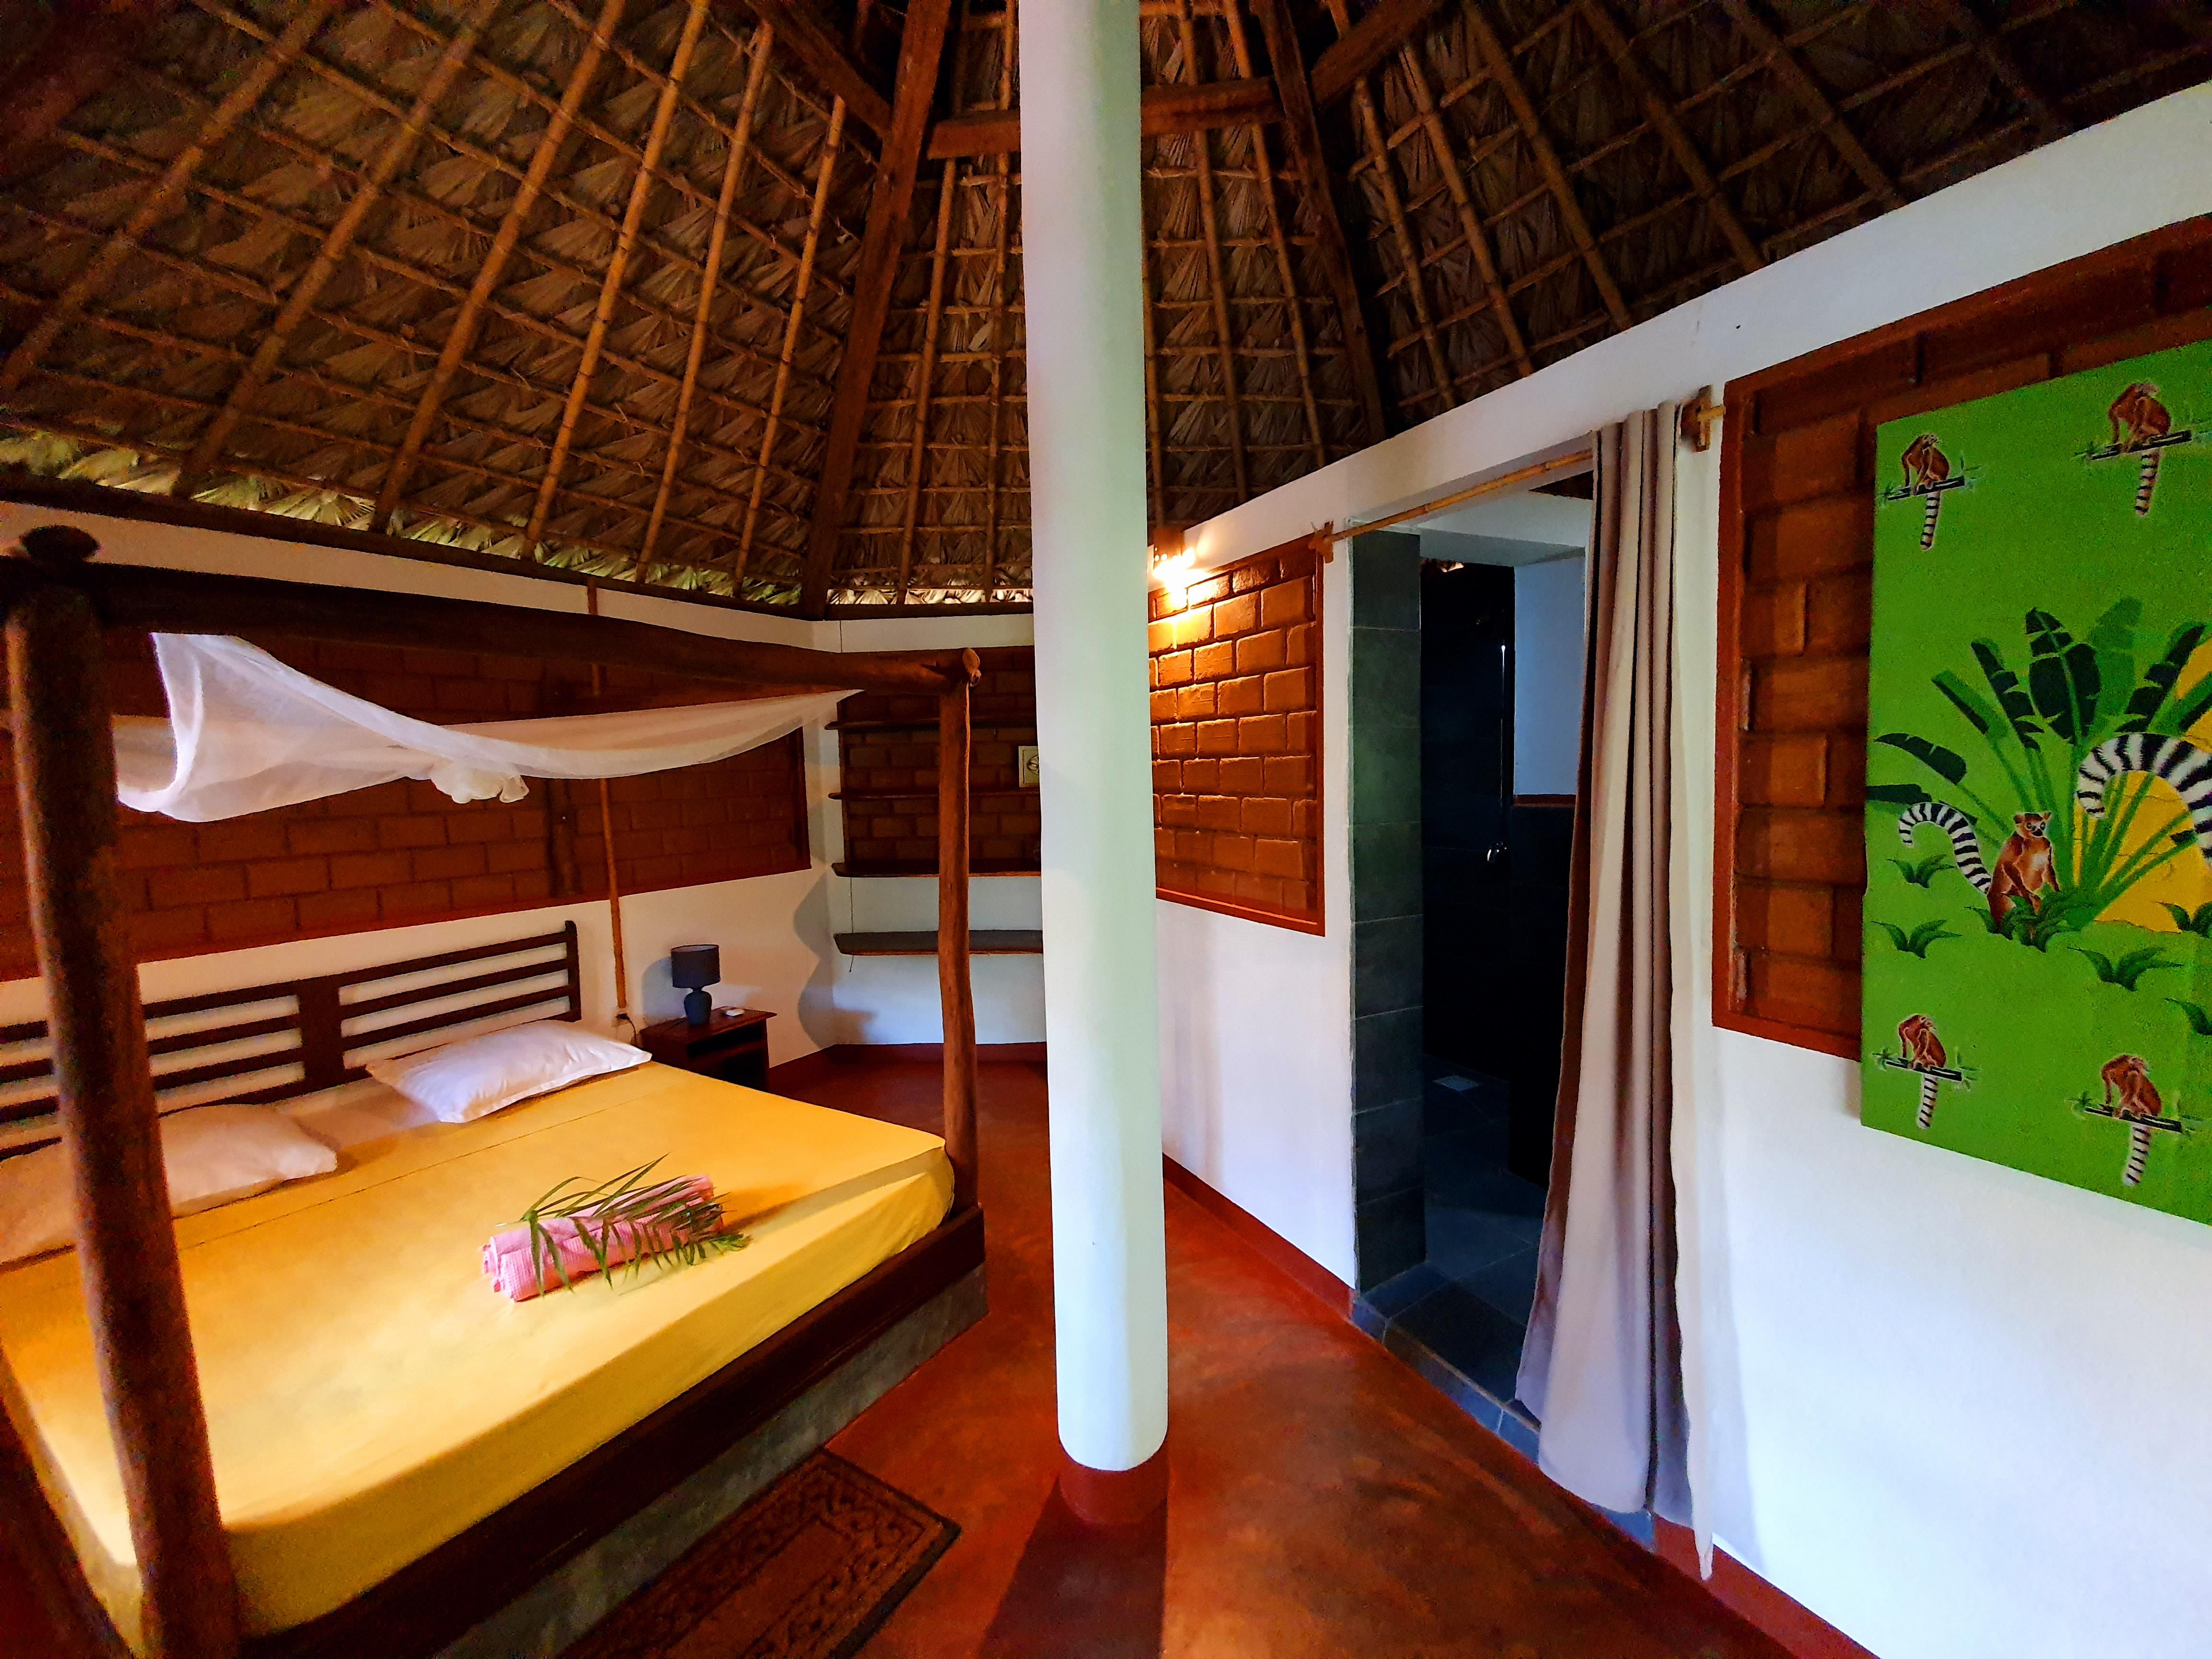 Hotel Diego suarez Madagascar